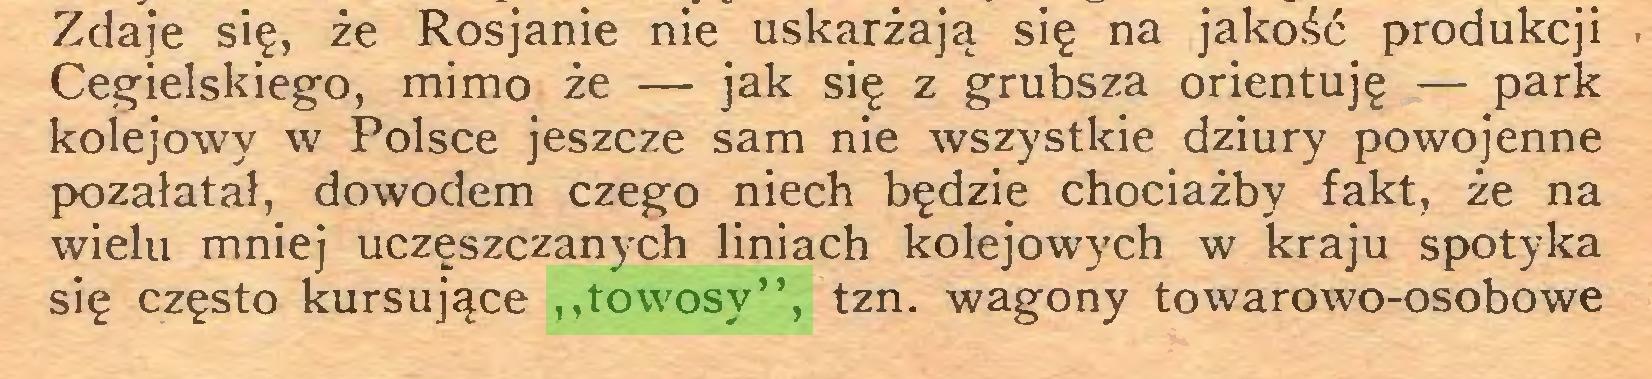 """(...) Zdaje się, że Rosjanie nie uskarżają się na jakość produkcji Cegielskiego, mimo że — jak się z grubsza orientuję — park kolejowy w Polsce jeszcze sam nie wszystkie dziury powojenne pozałatał, dowodem czego niech będzie chociażby fakt, że na wielu mniej uczęszczanych liniach kolejowych w kraju spotyka się często kursujące """"towosy"""", tzn. wagony towarowo-osobowe..."""